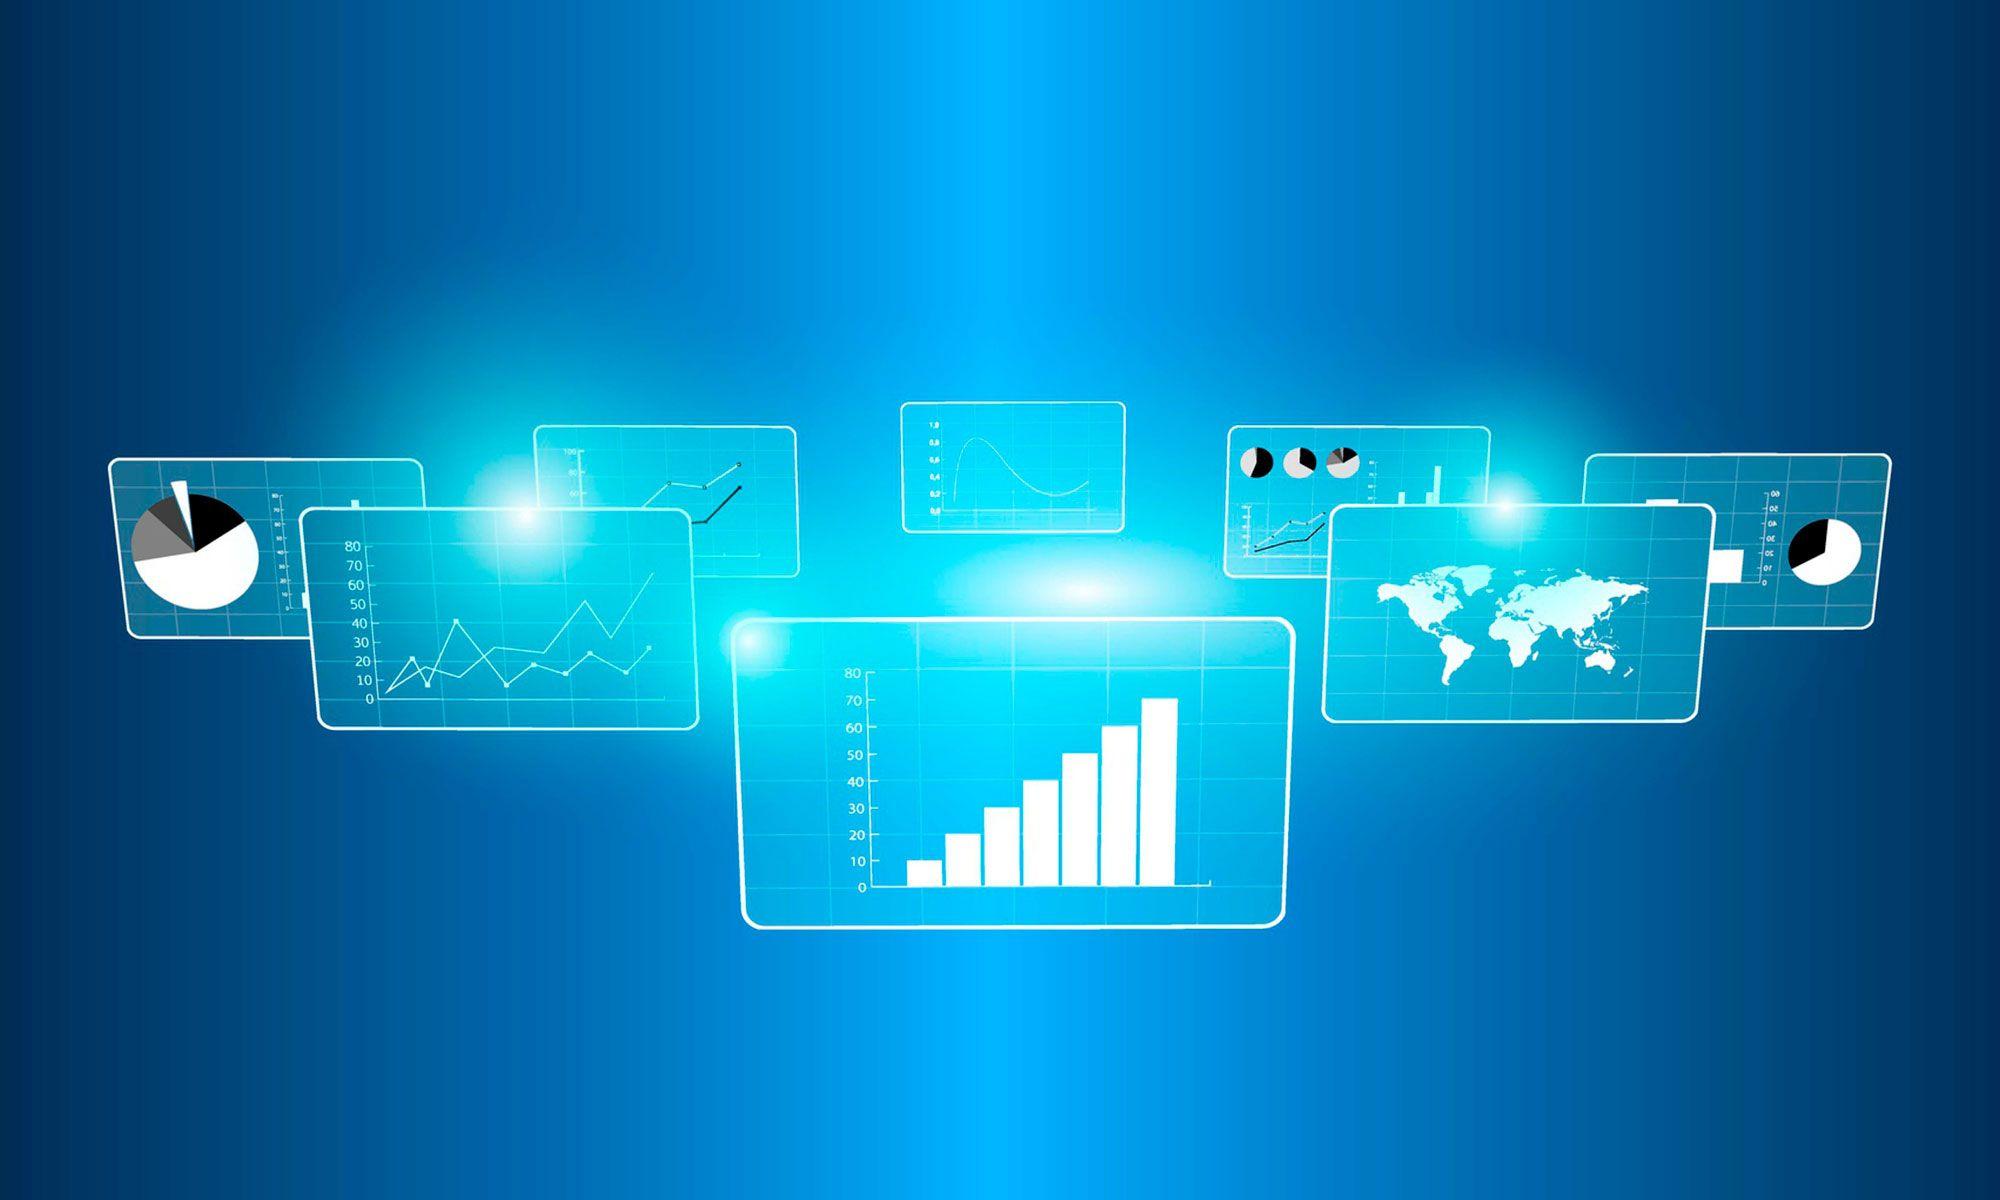 LaraSoft diagramas y gráficos: reducción de costes